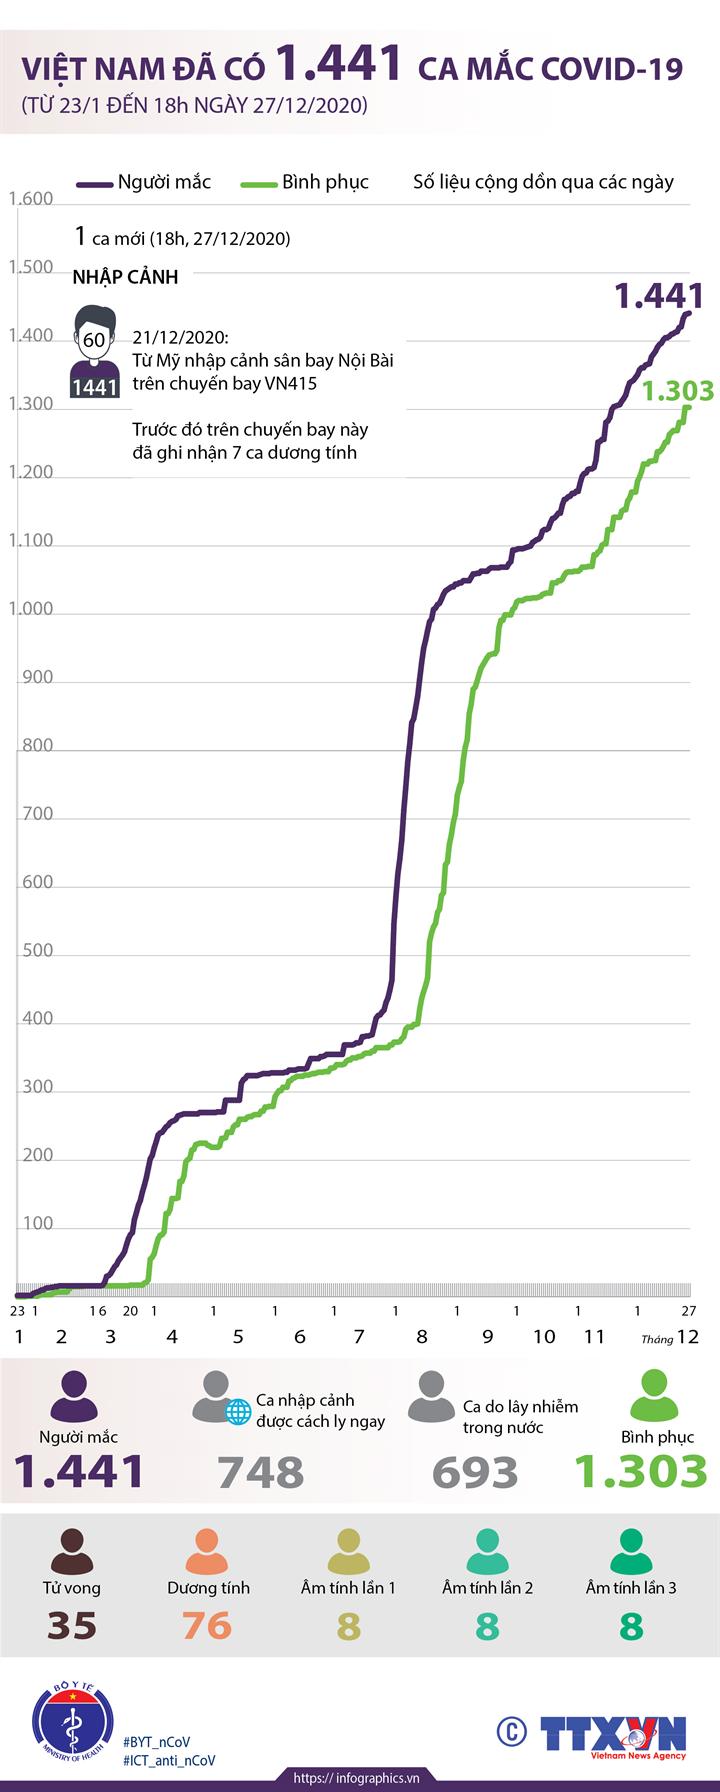 Việt Nam đã có 1.441 ca mắc COVID-19 (từ 23/1 đến 18h ngày 27/12/2020)